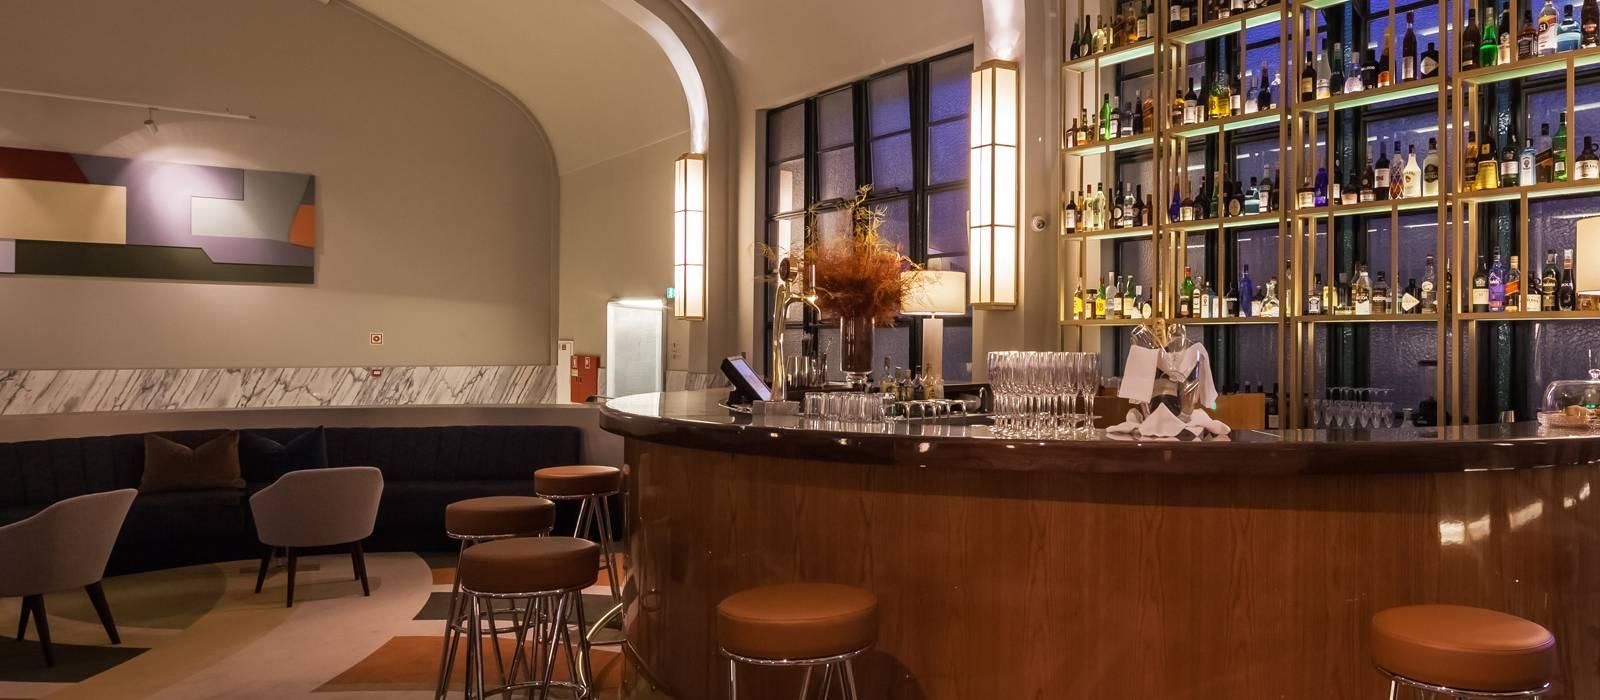 Services Hôtel Porto - Vincci Hoteles- Restaurant